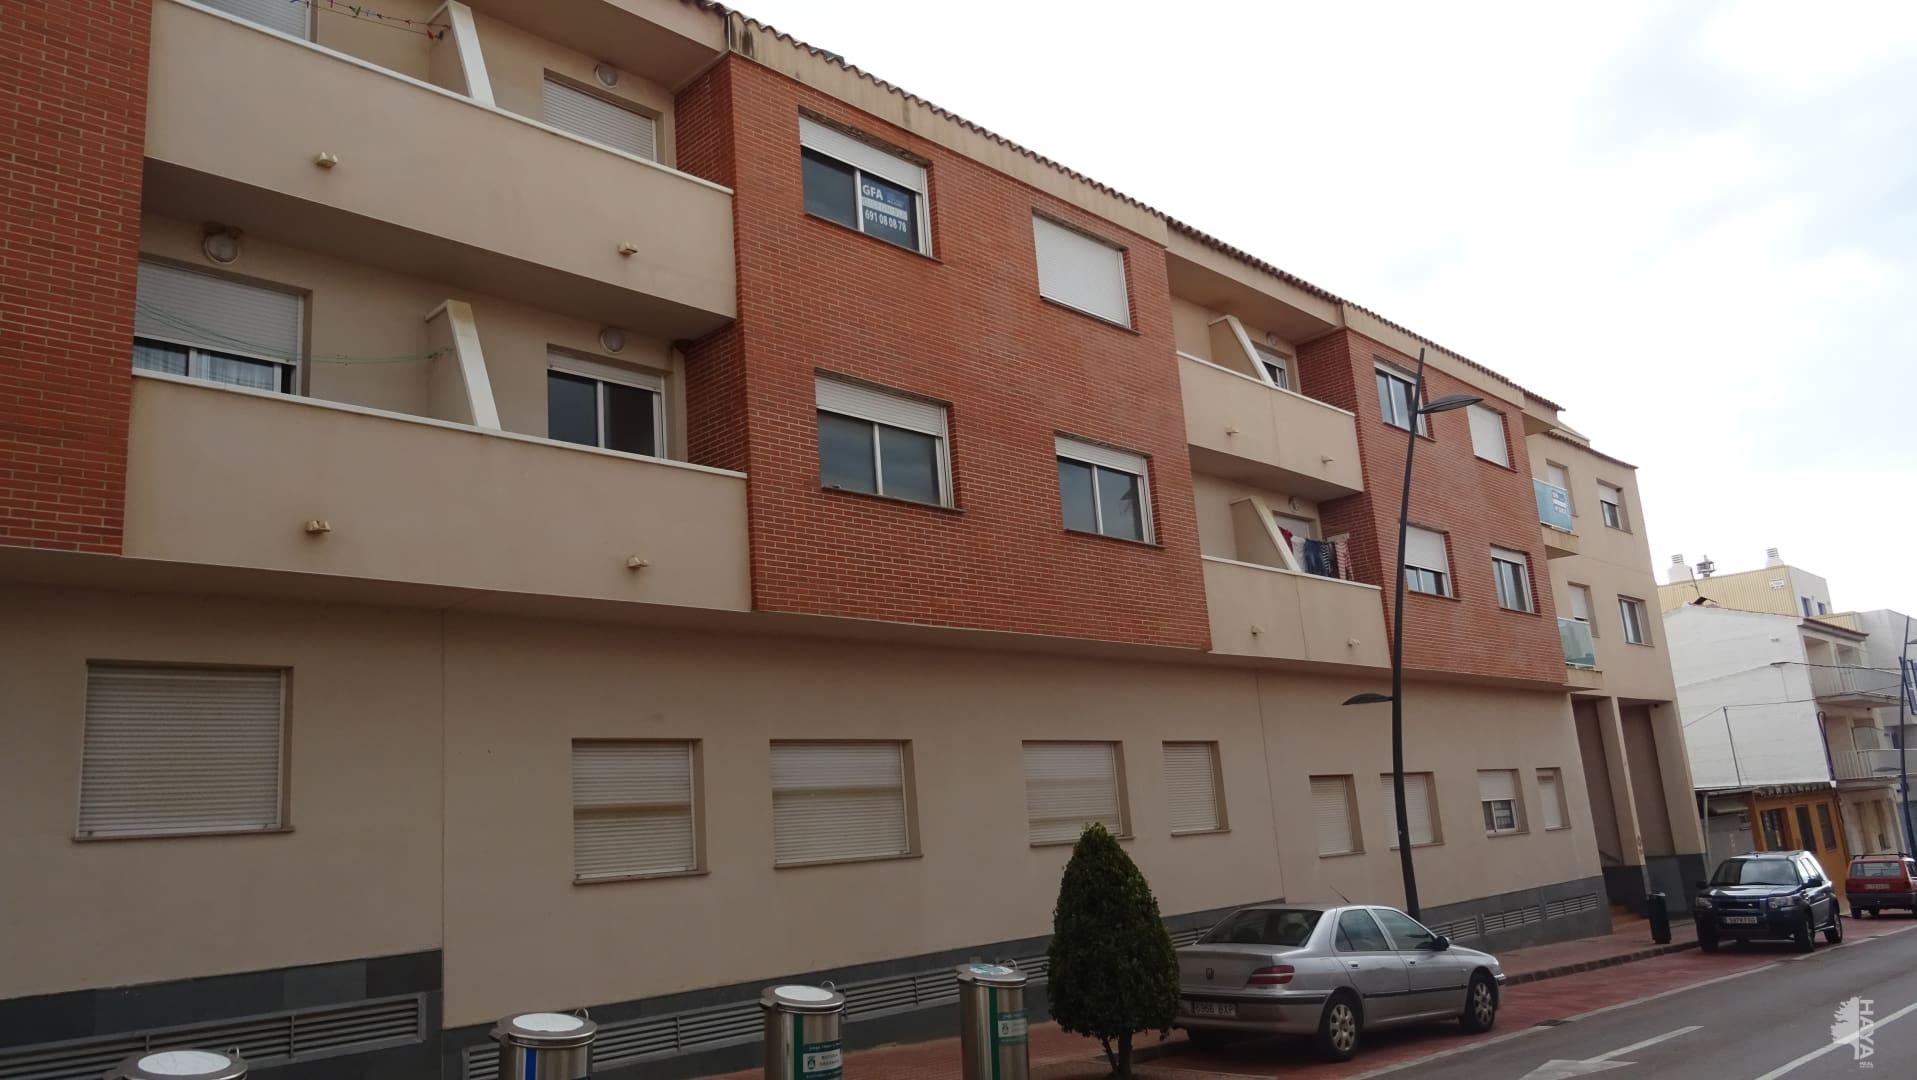 Piso en venta en Torreblanca, Castellón, Calle Colon, 72.000 €, 2 habitaciones, 2 baños, 112 m2